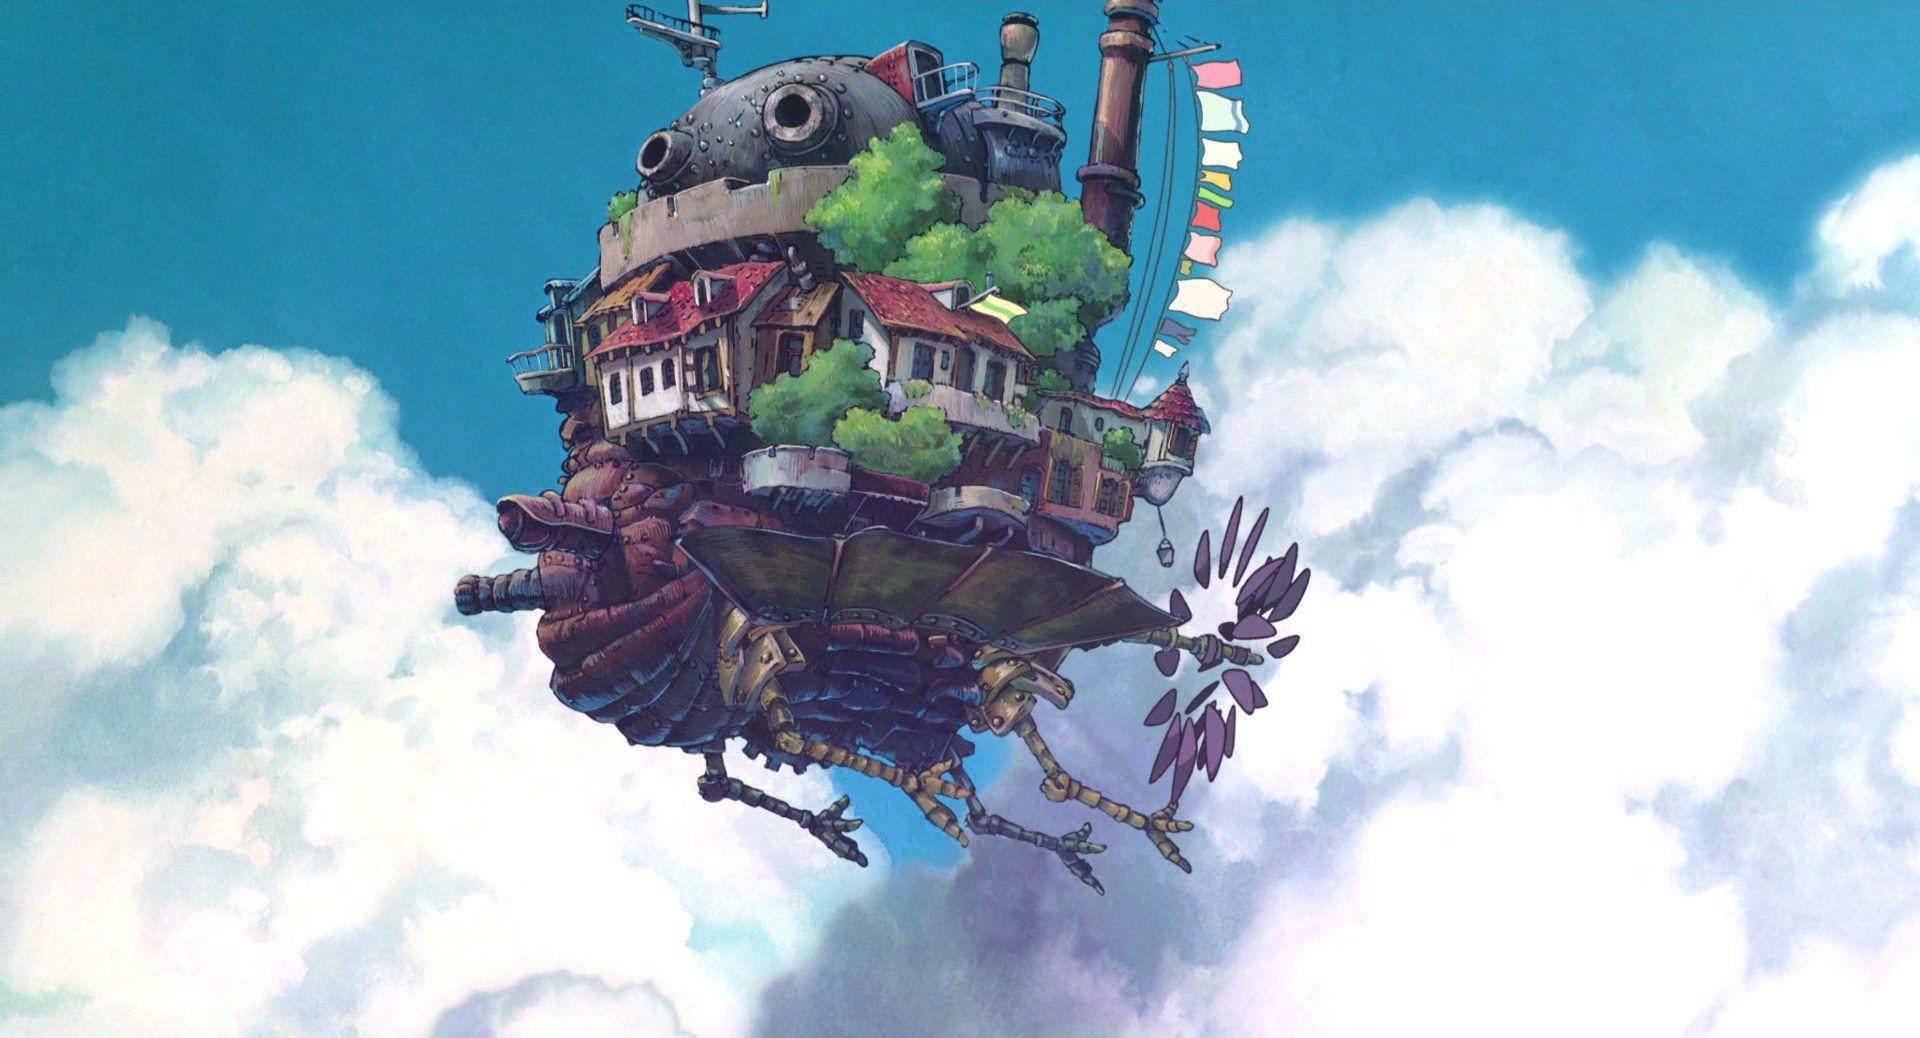 «Ходячий замок». Хаяо Миядзаки, 2004 / imbd.com